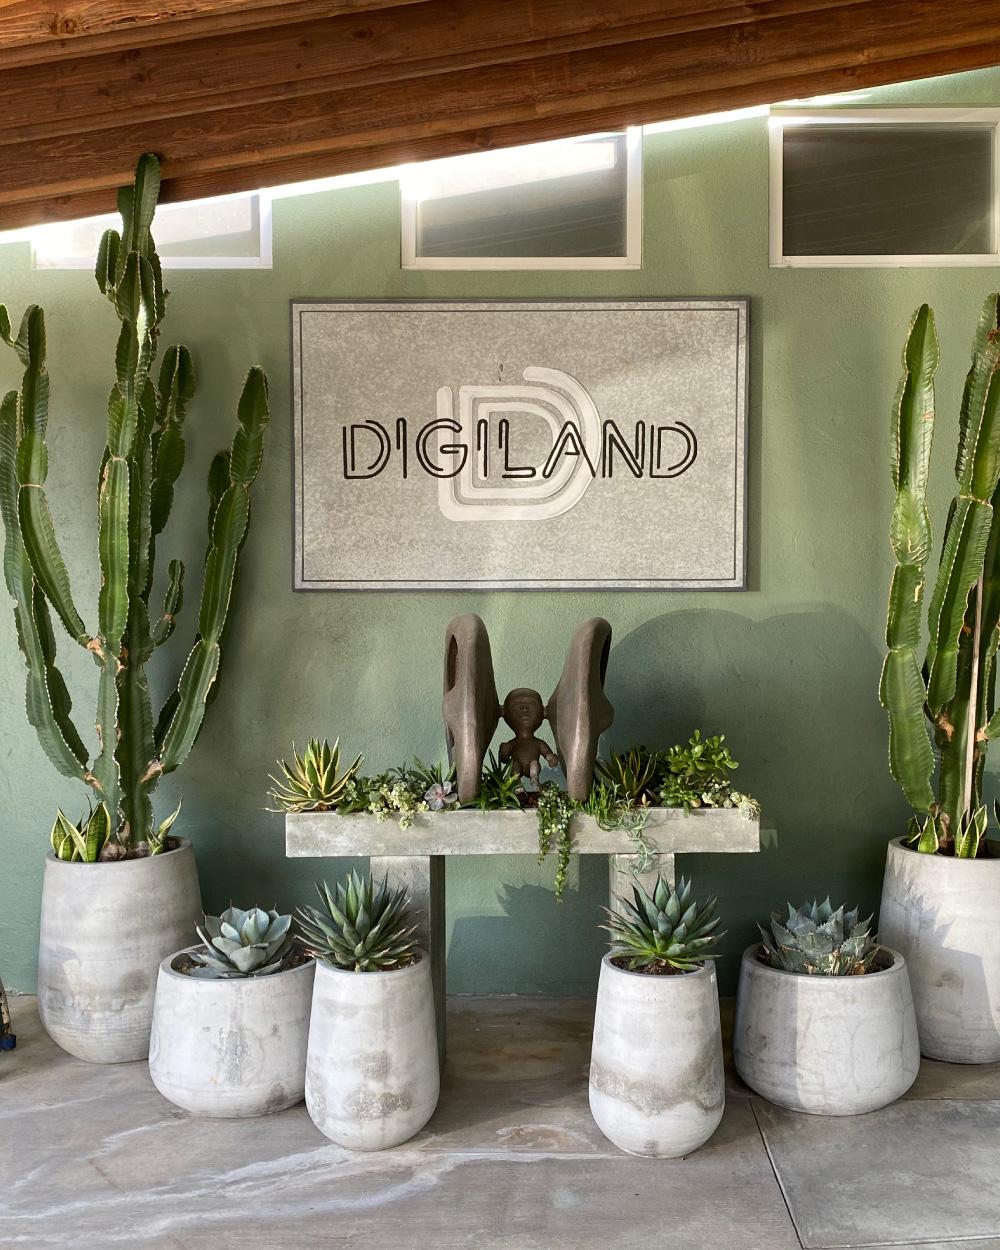 Arrangement of potted plants